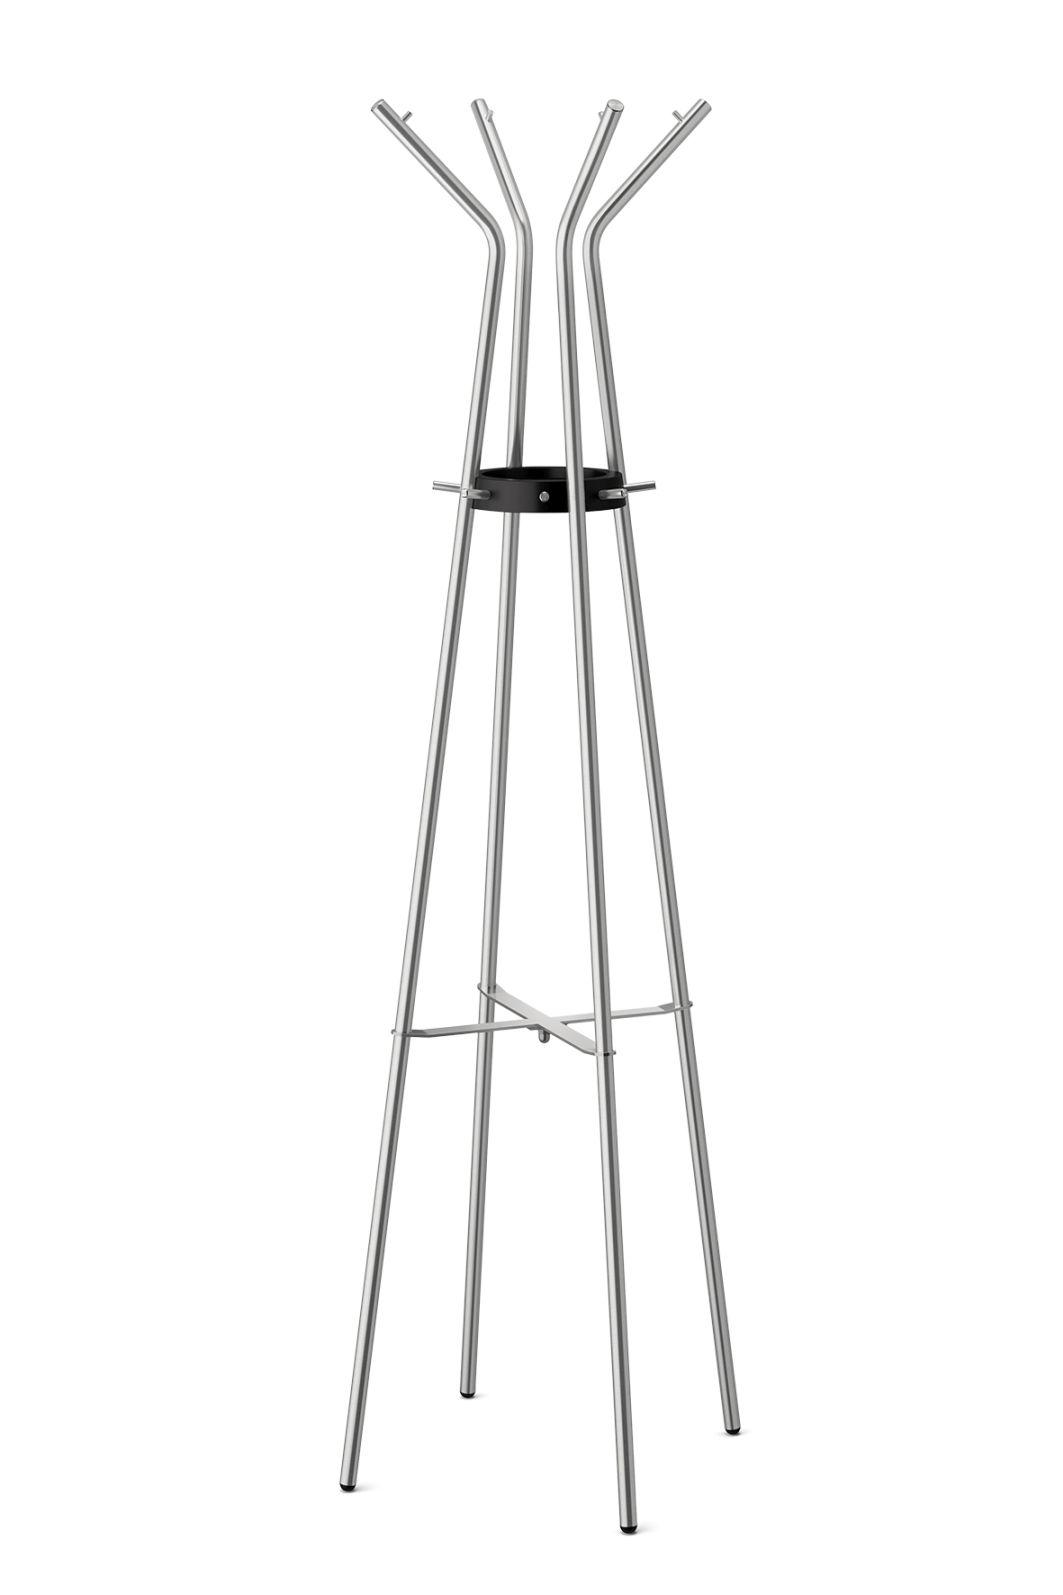 Volně stojící věšák ATACIO, 165 cm - ZACK